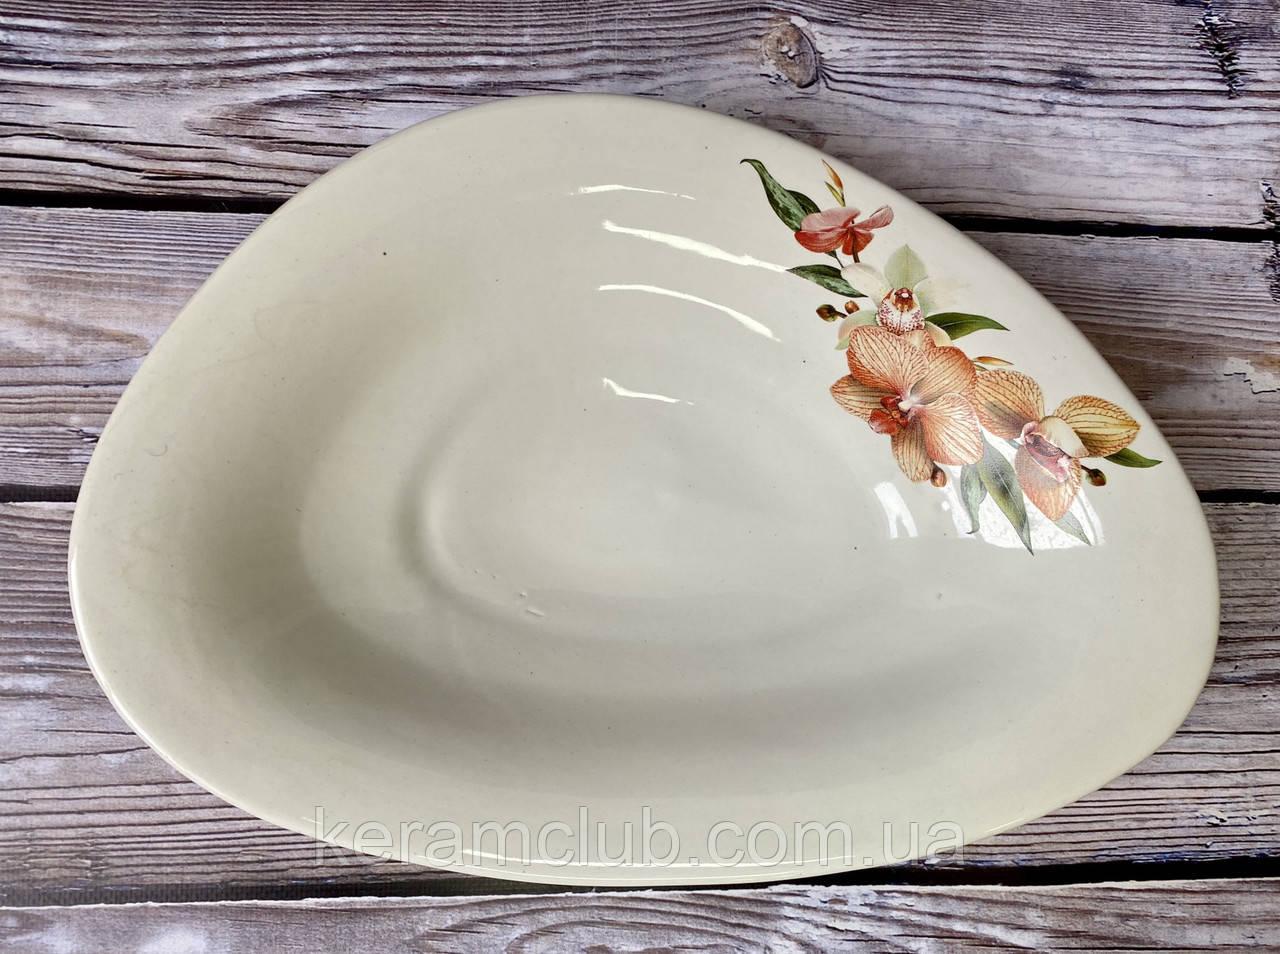 Блюдо для вареников белое с деколью 32 см